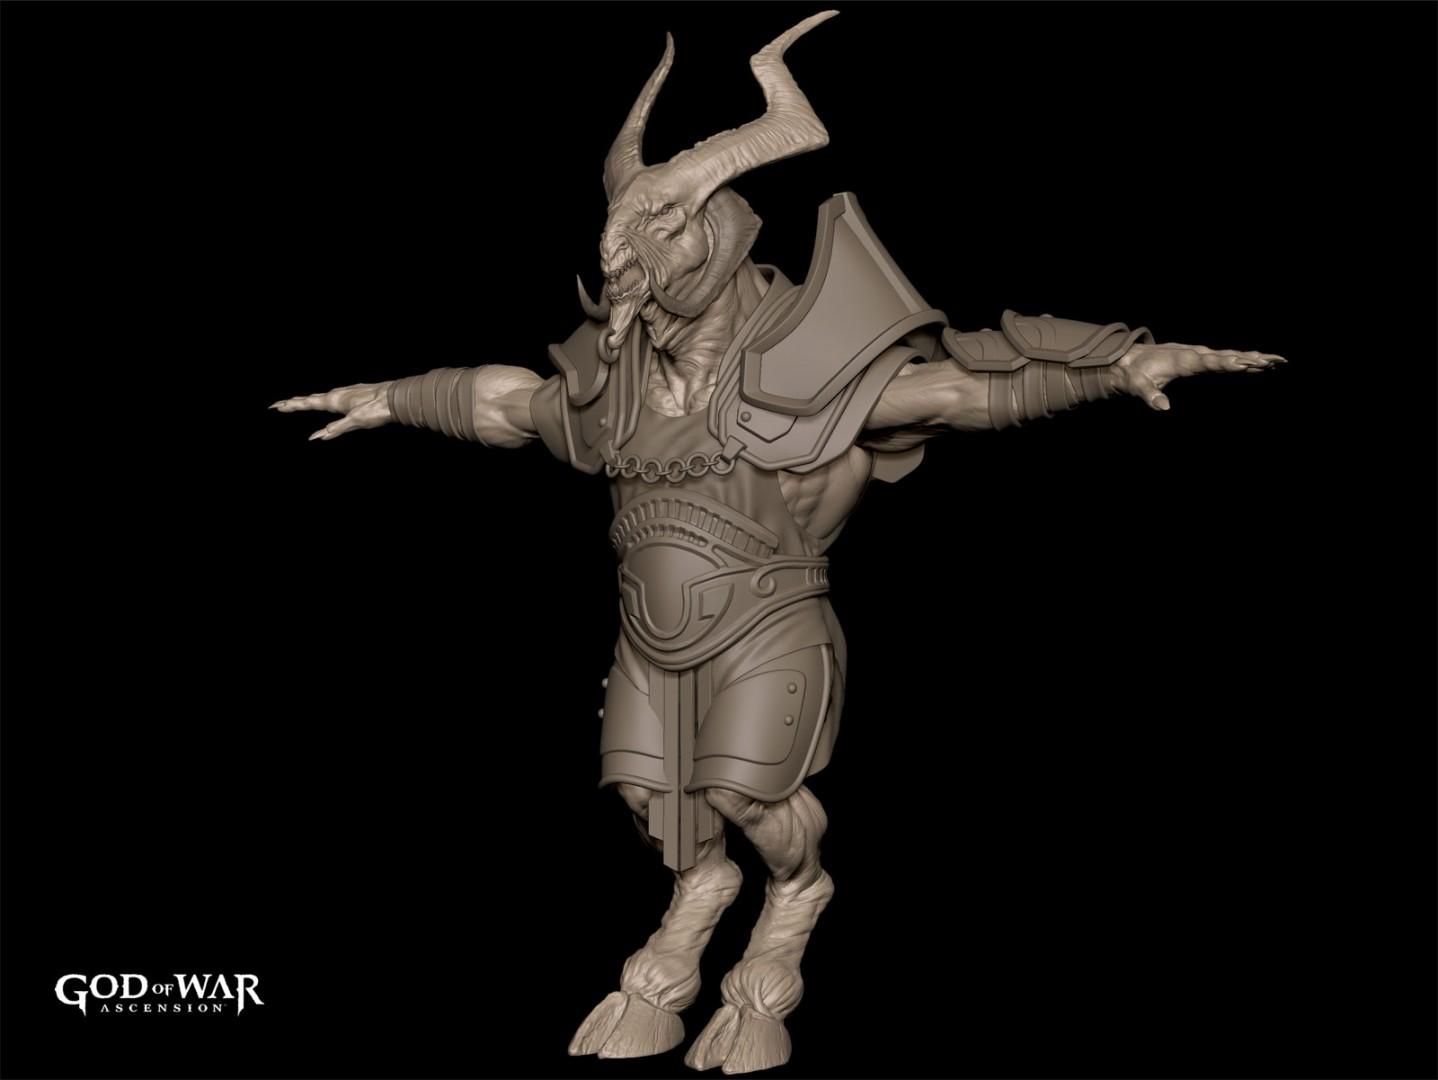 Hercules God of War  Villains Wiki  FANDOM powered by